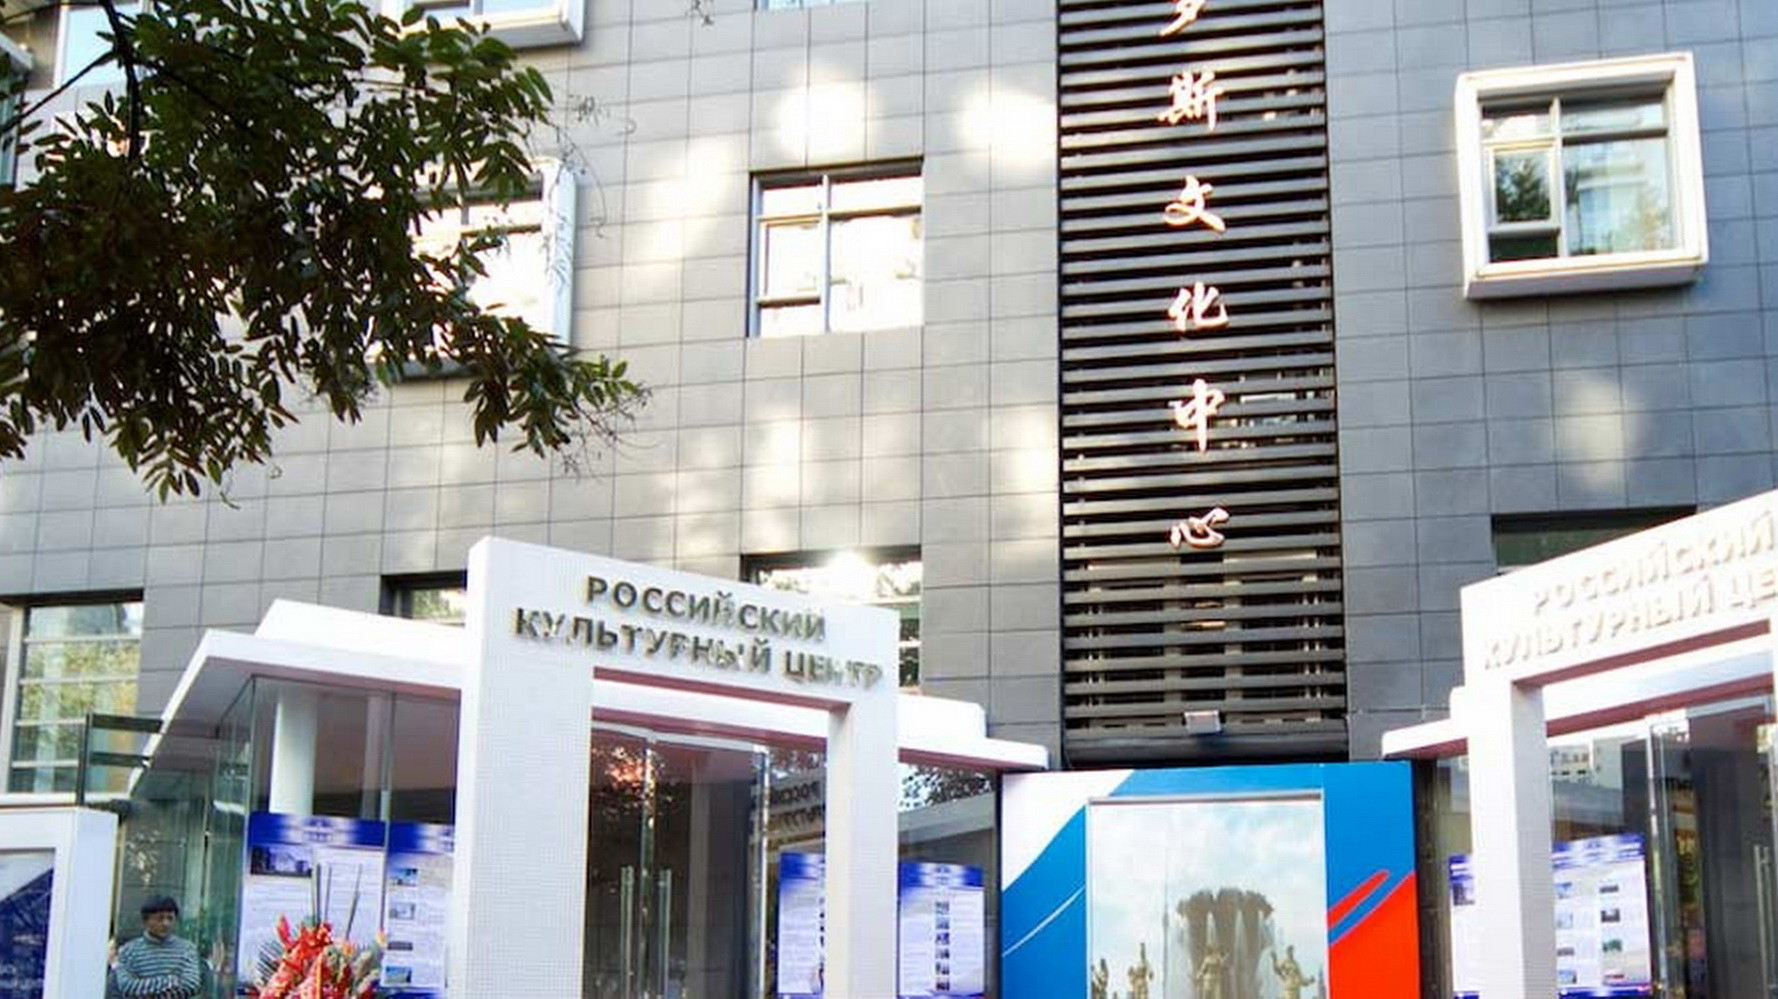 Российский культурный центр (РКЦ) в Пекине